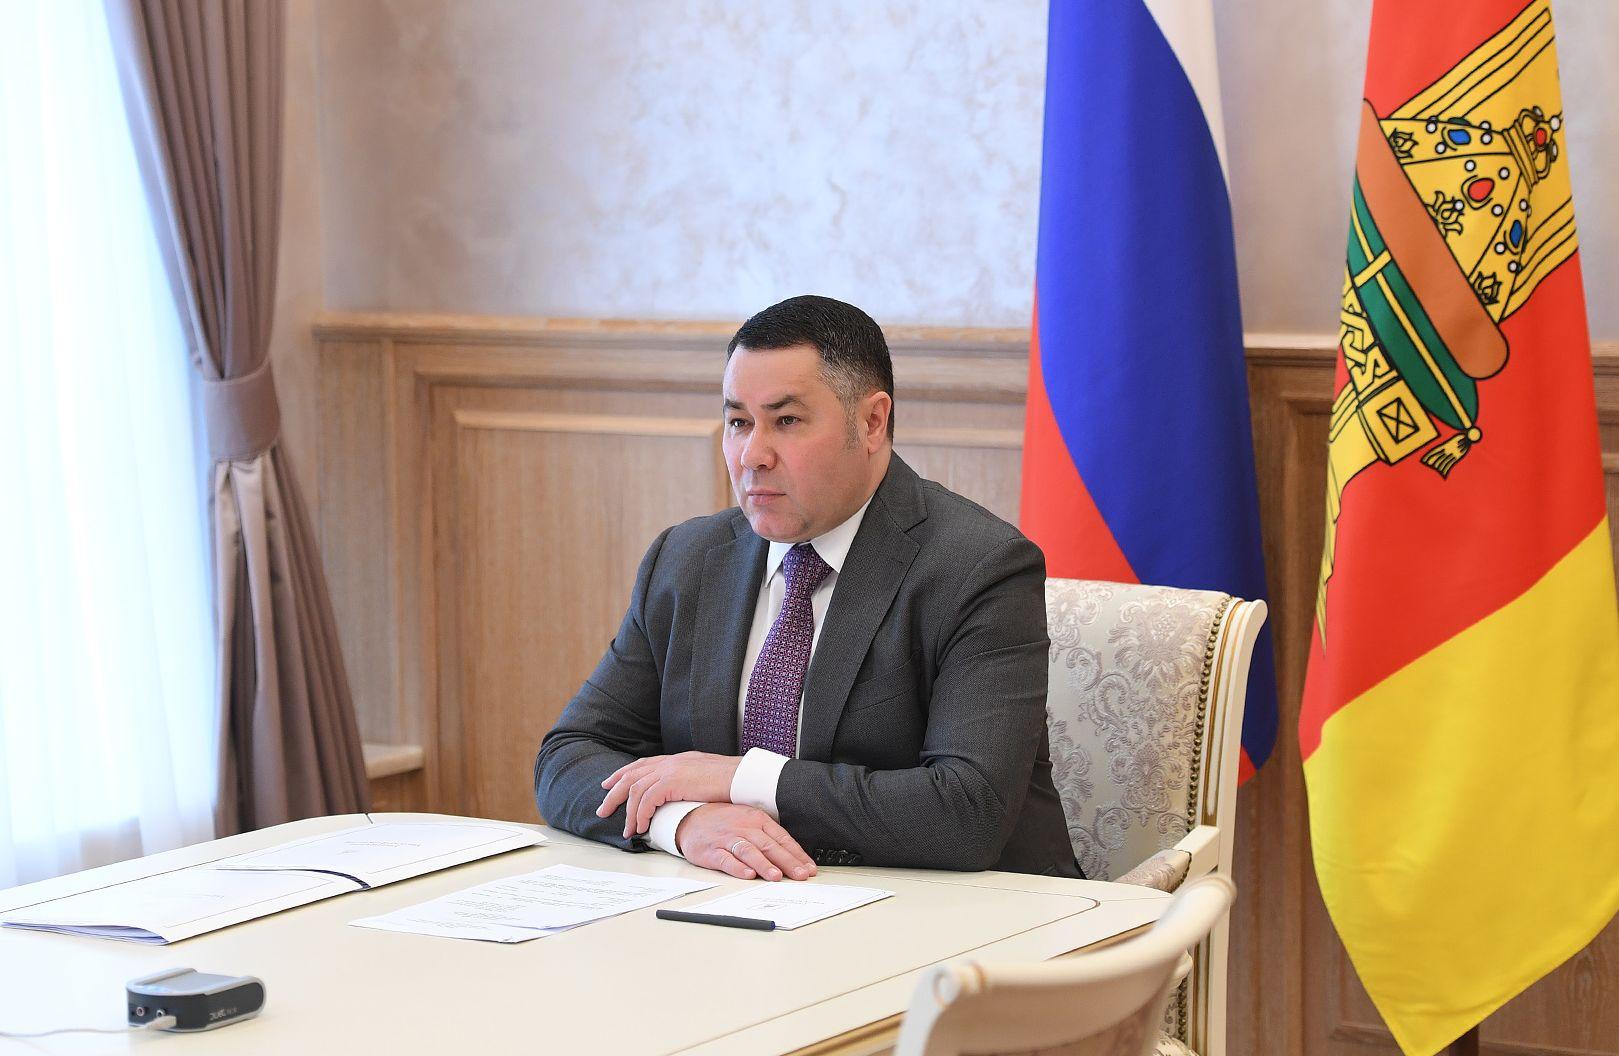 Игорь Руденя поручил к 14 мая разработать план поэтапного снятия ограничений